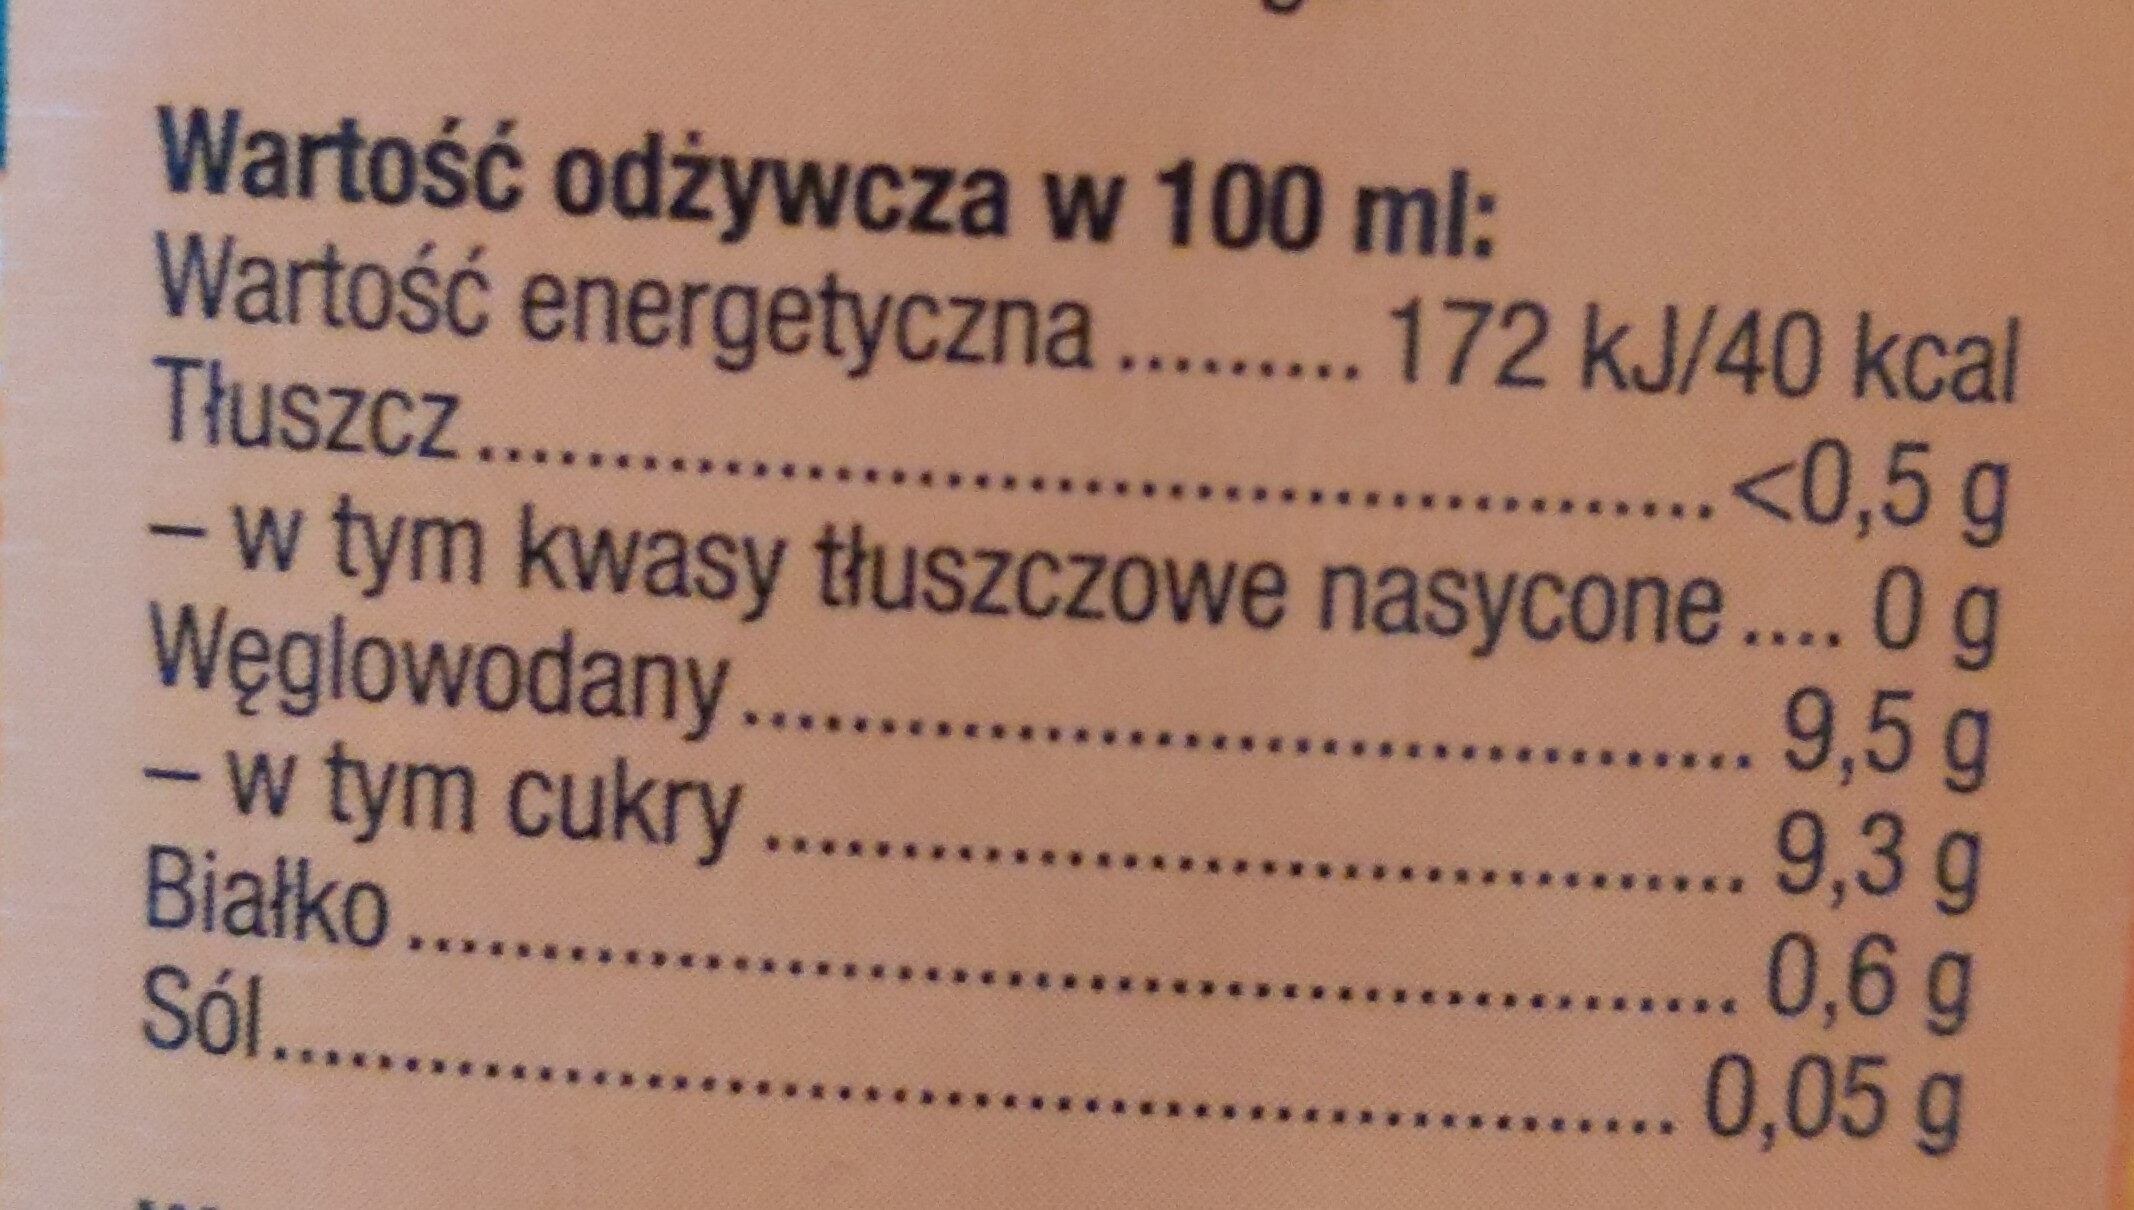 Kingsway Sok Pomarańczowy - Wartości odżywcze - pl